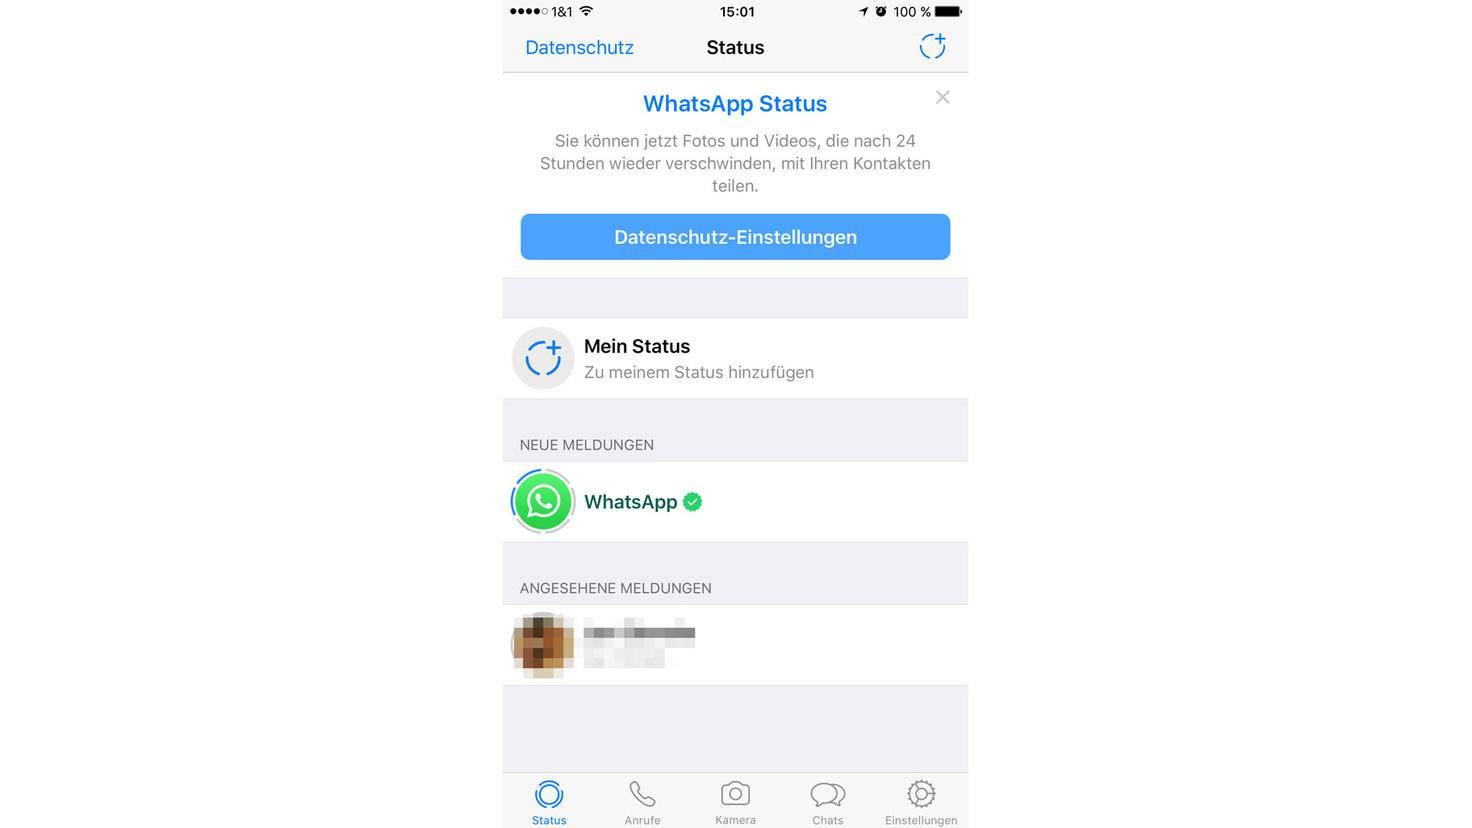 So sieht der neue Status-Bildschirm in WhatsApp aus.